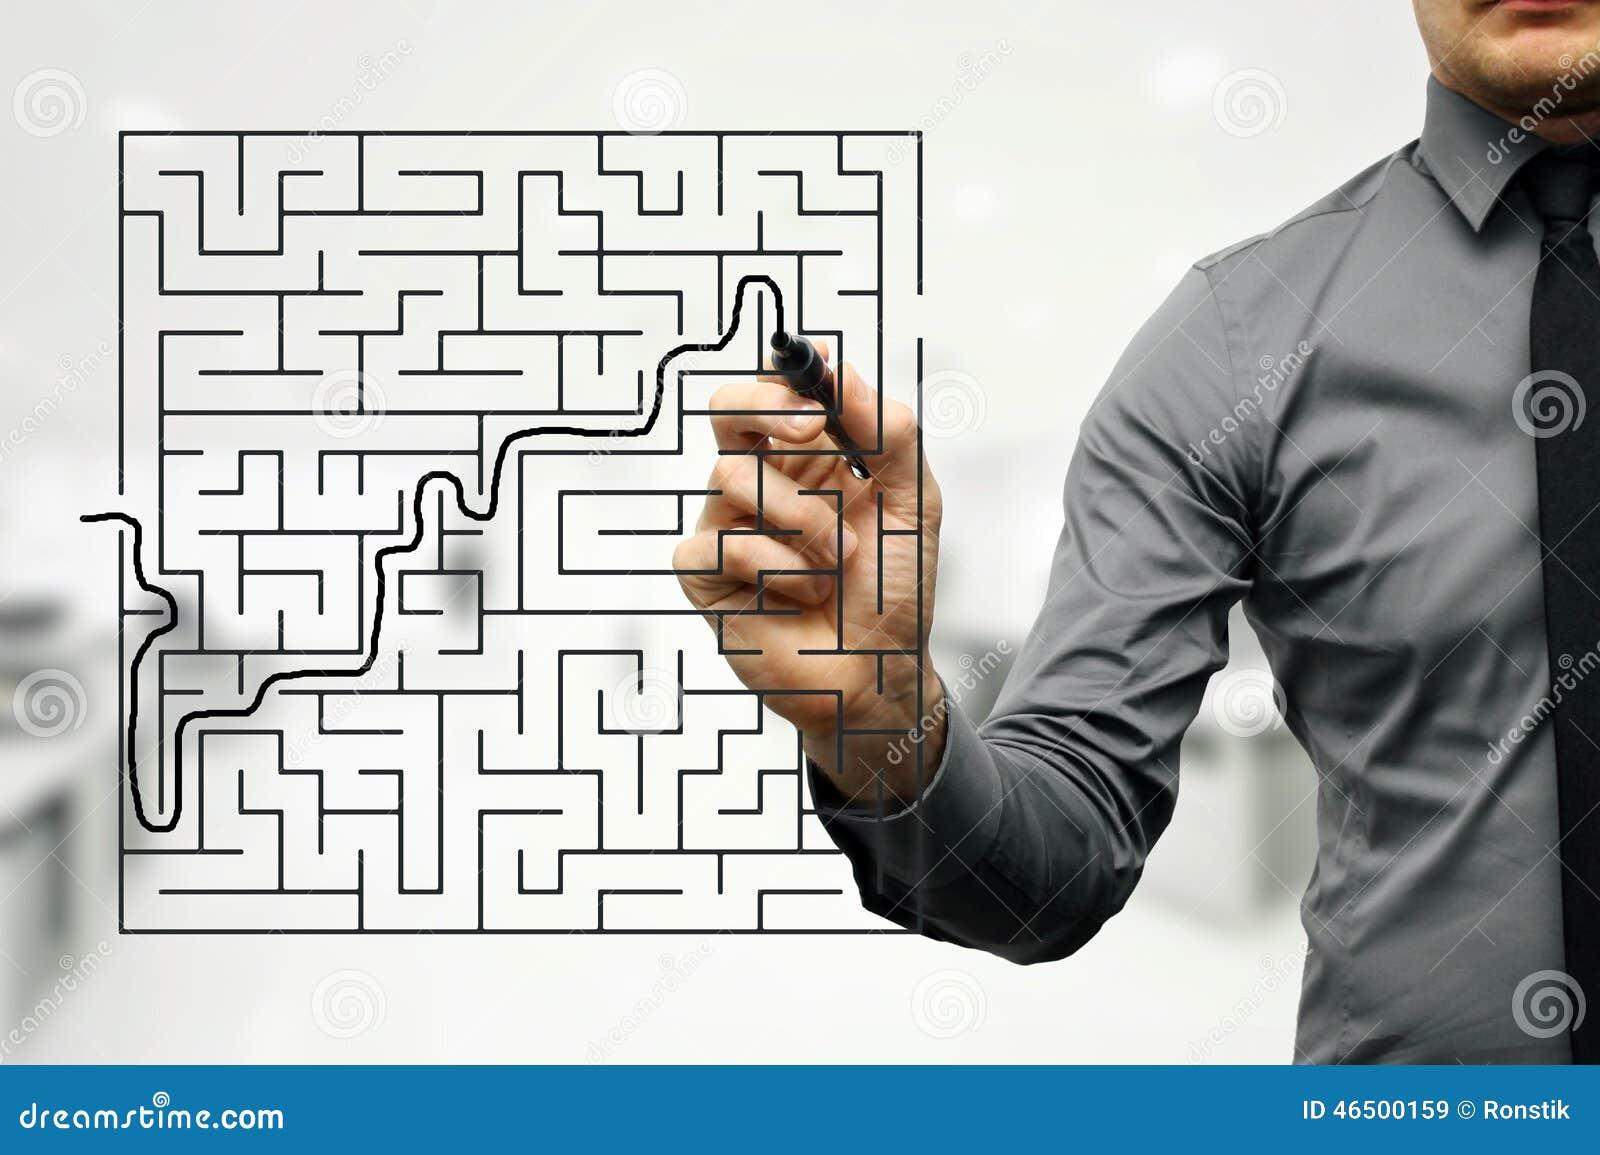 Biznesmen próbuje znajdować sposób z labiryntu